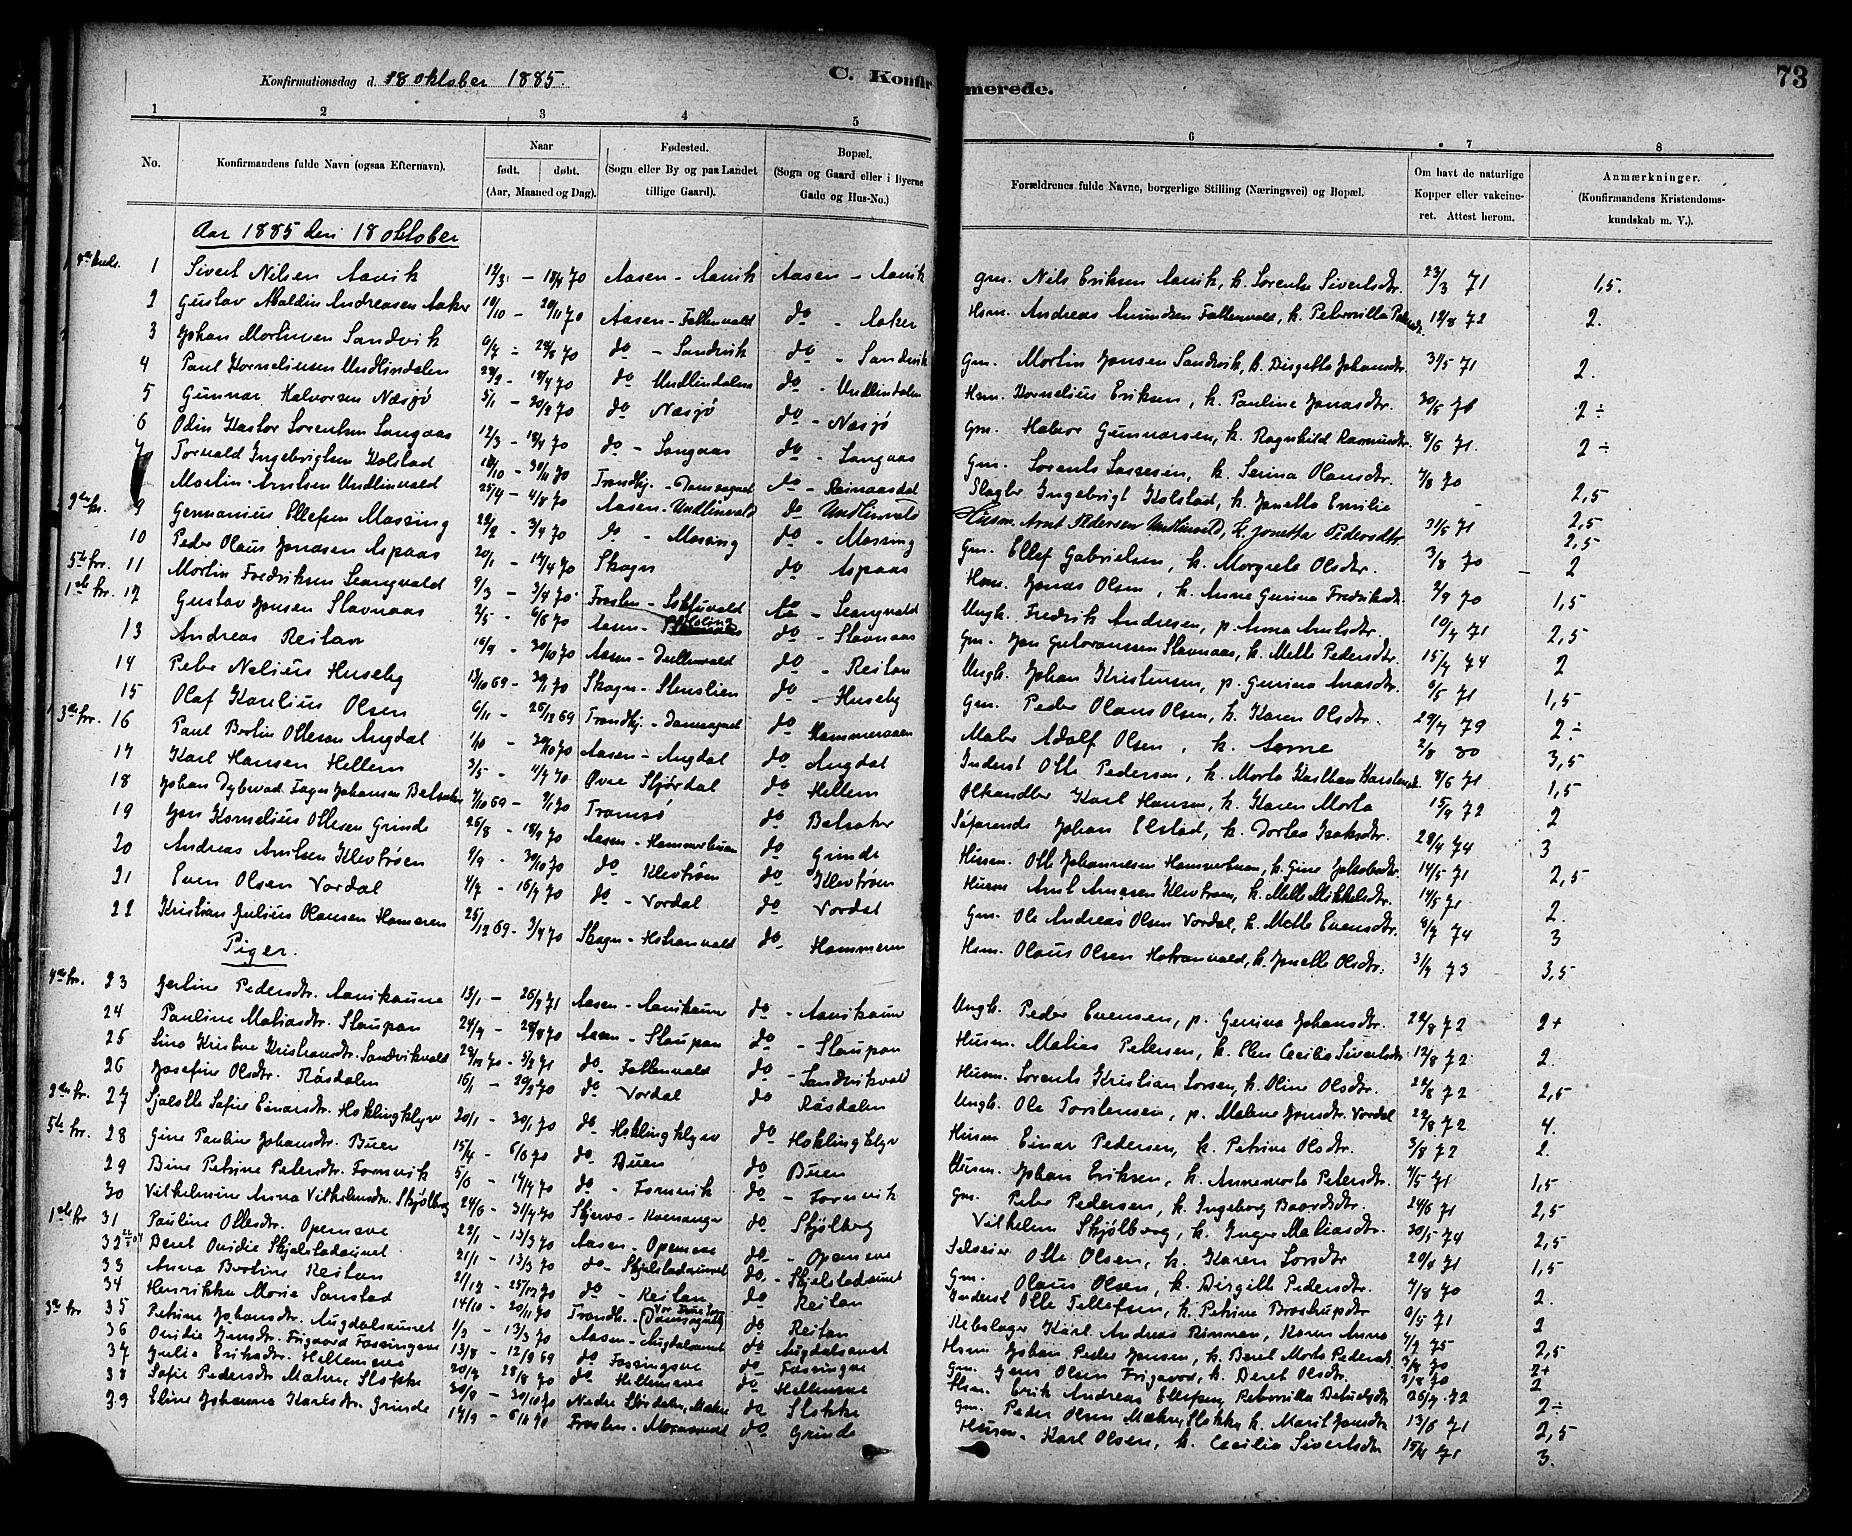 SAT, Ministerialprotokoller, klokkerbøker og fødselsregistre - Nord-Trøndelag, 714/L0130: Ministerialbok nr. 714A01, 1878-1895, s. 73